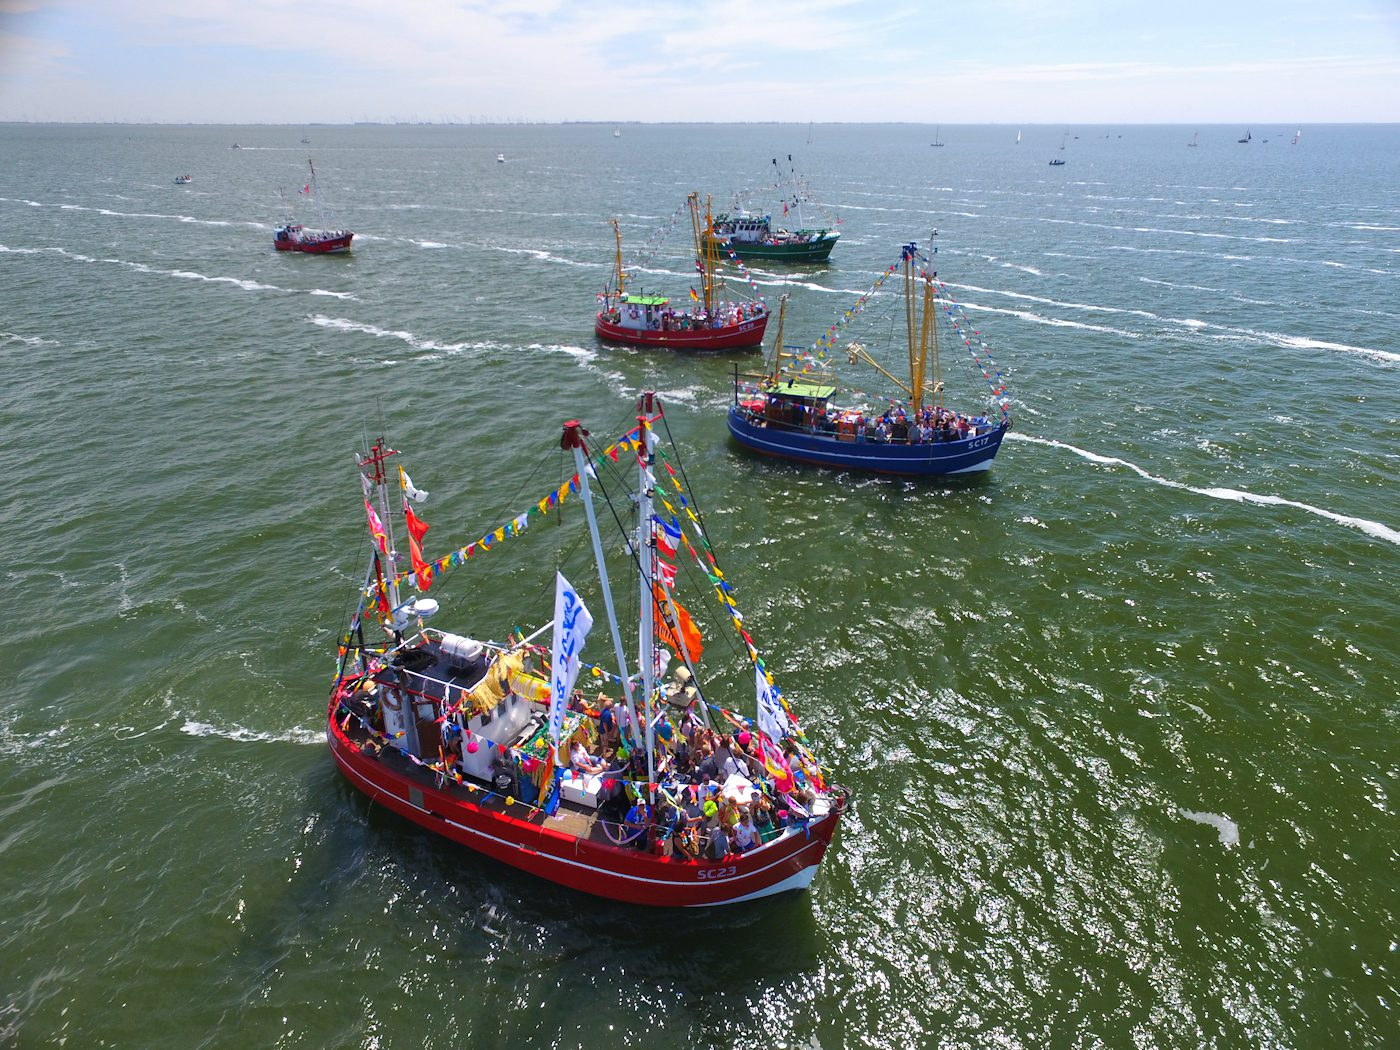 Nordseekerl-Kontakt-boote auf der Nordsee